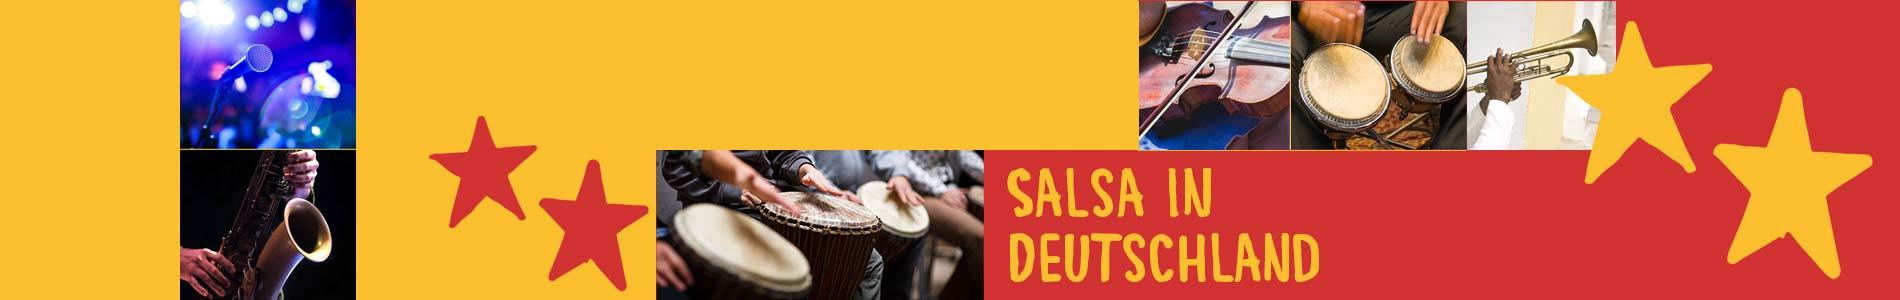 Salsa in Bösingen – Salsa lernen und tanzen, Tanzkurse, Partys, Veranstaltungen